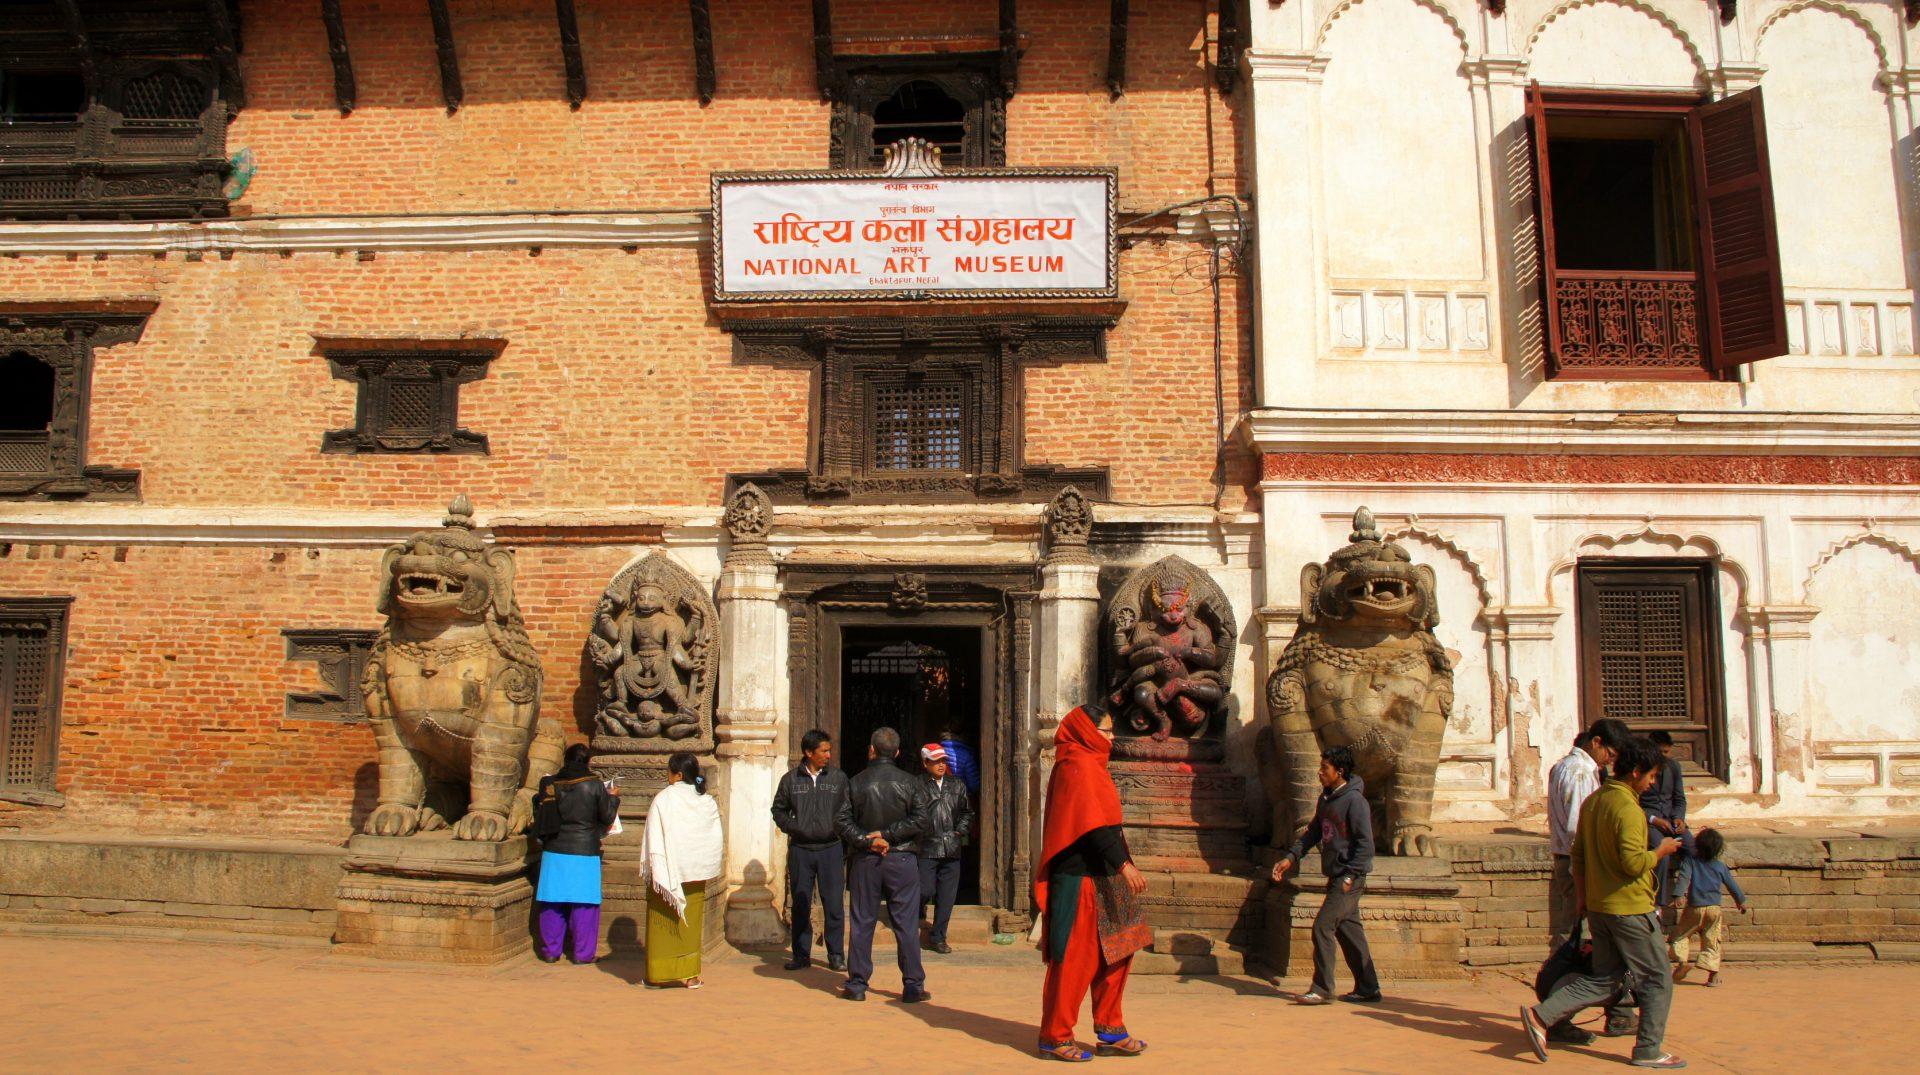 Musée d'art national newar Bhaktapur Nepal